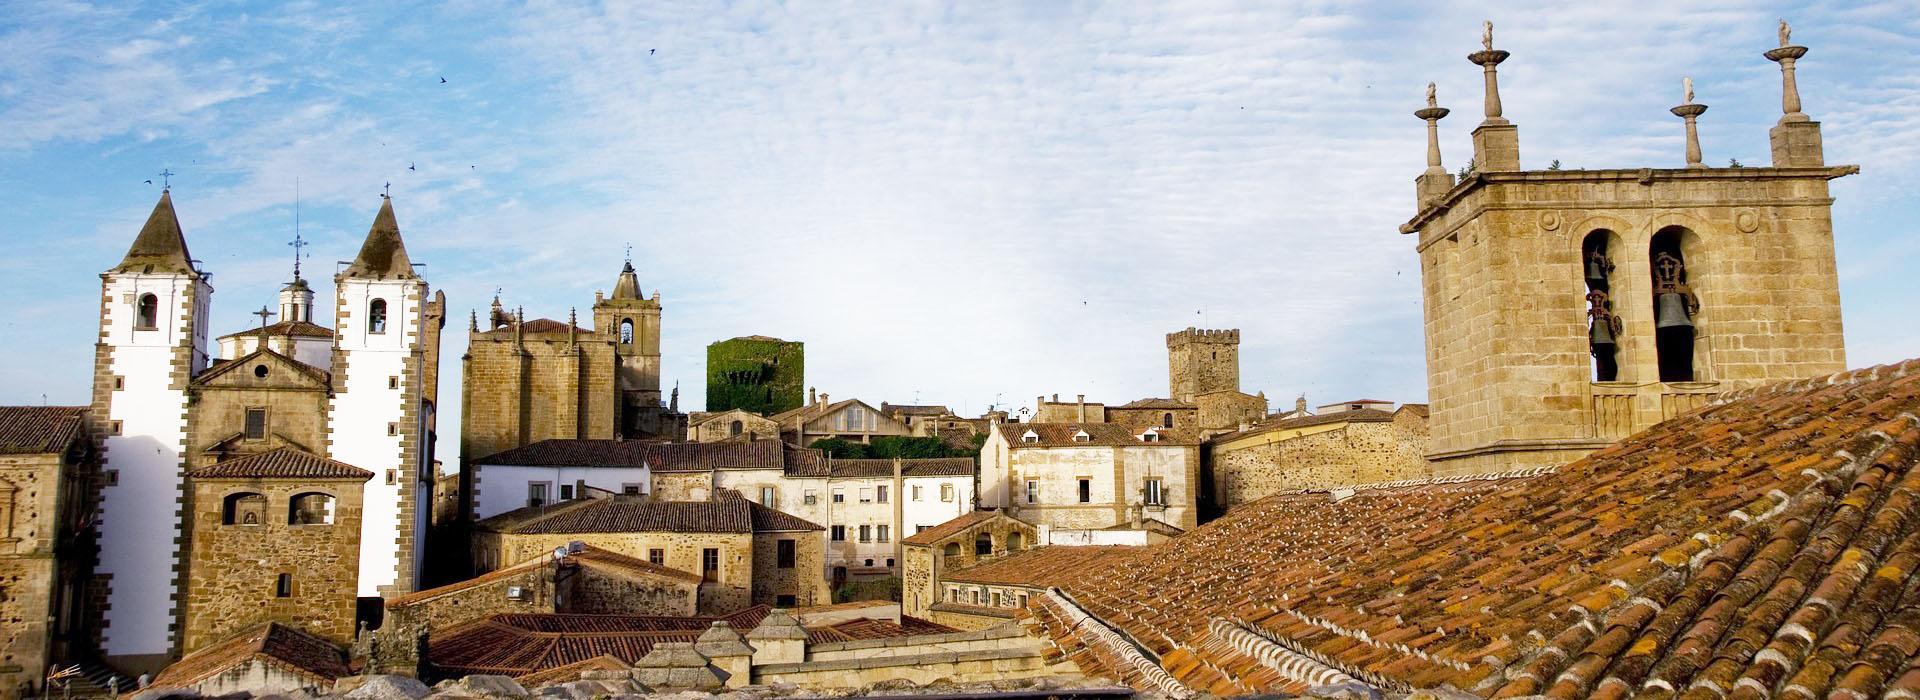 11D10N Lisbon, Fatima, Cordoba, Seville, Costa de Sol & Granada